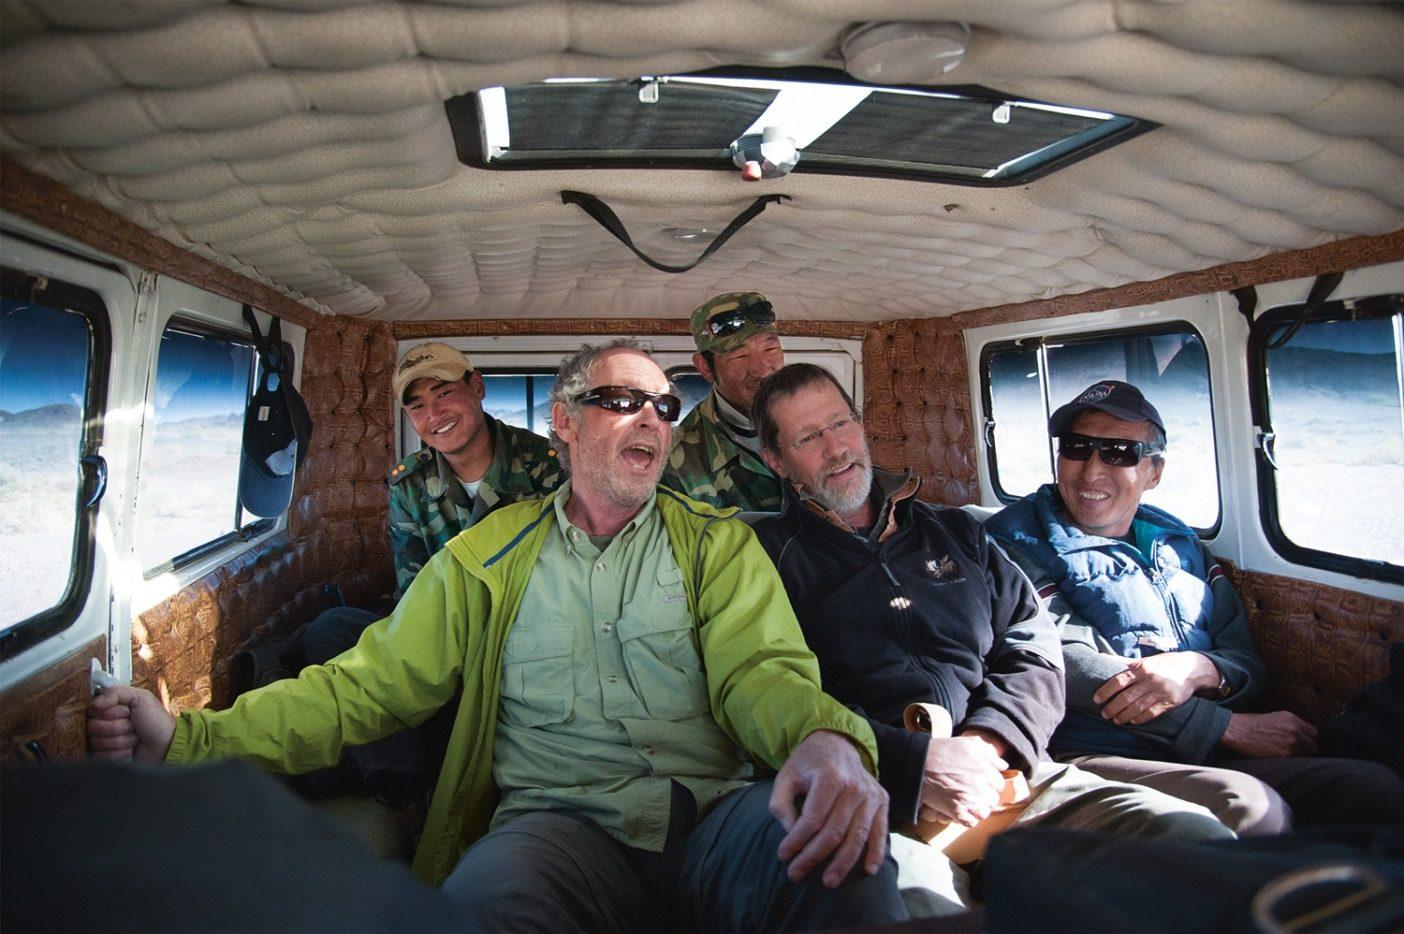 クマの生息範囲を調べるために長時間の旅へ出るときは、モンゴルのバラードとアメリカン・ロックが興味深く混じり合った音楽を聴くことができる。というよりも、実際はそれから逃れることができない。Photo: Joe Riis